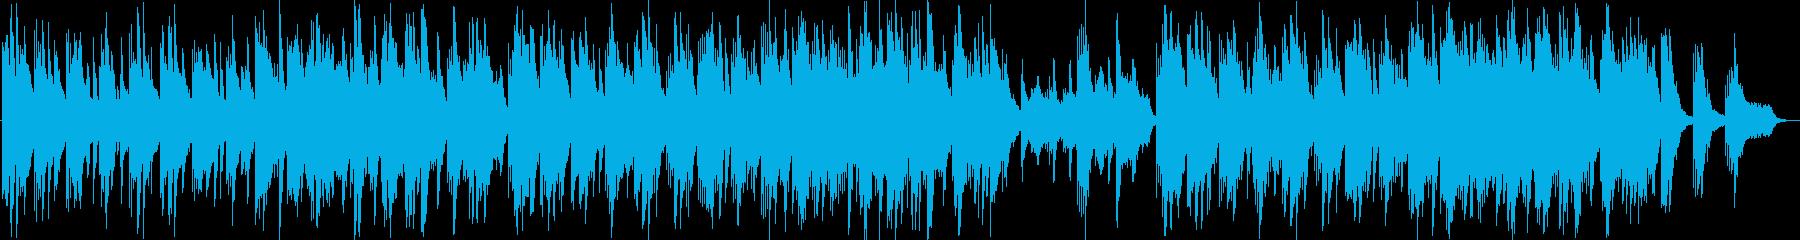 ゆったりしたシンセ・ピアノサウンドの再生済みの波形